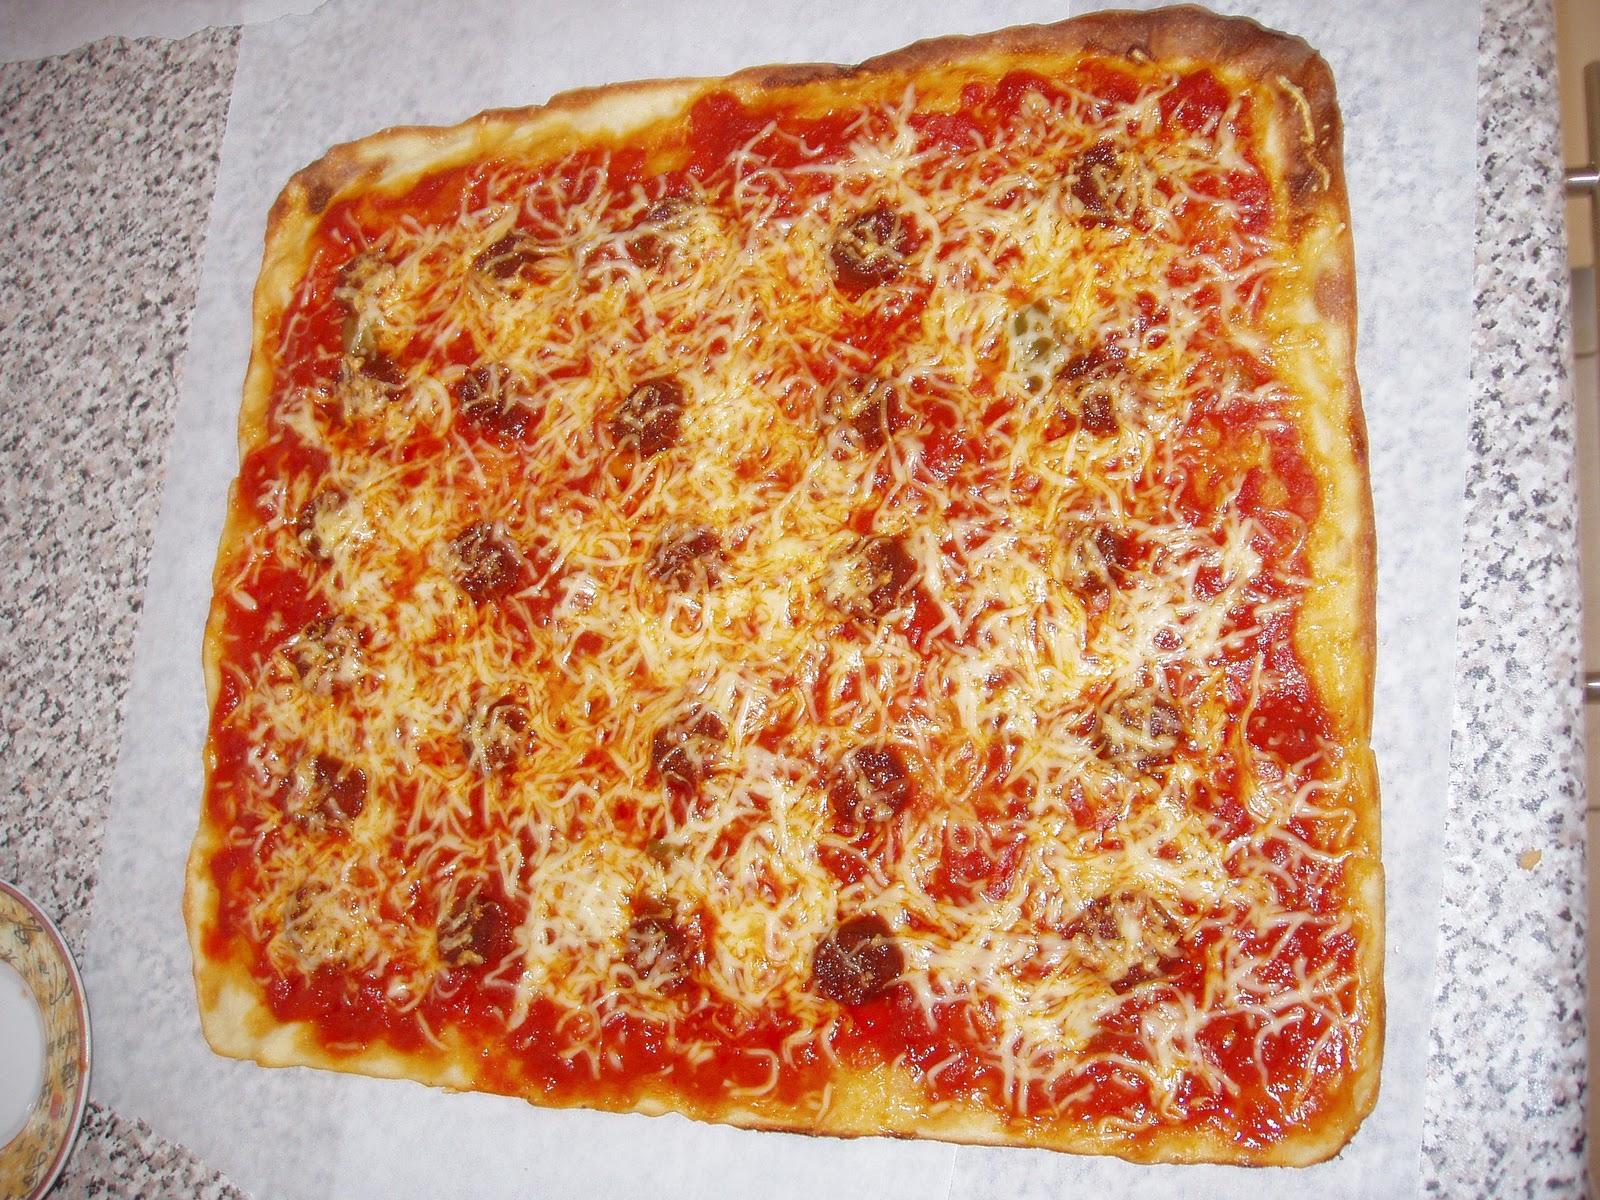 Ma cuisine mes origines pizza italienne fait maison - Recette de pate a pizza italienne ...